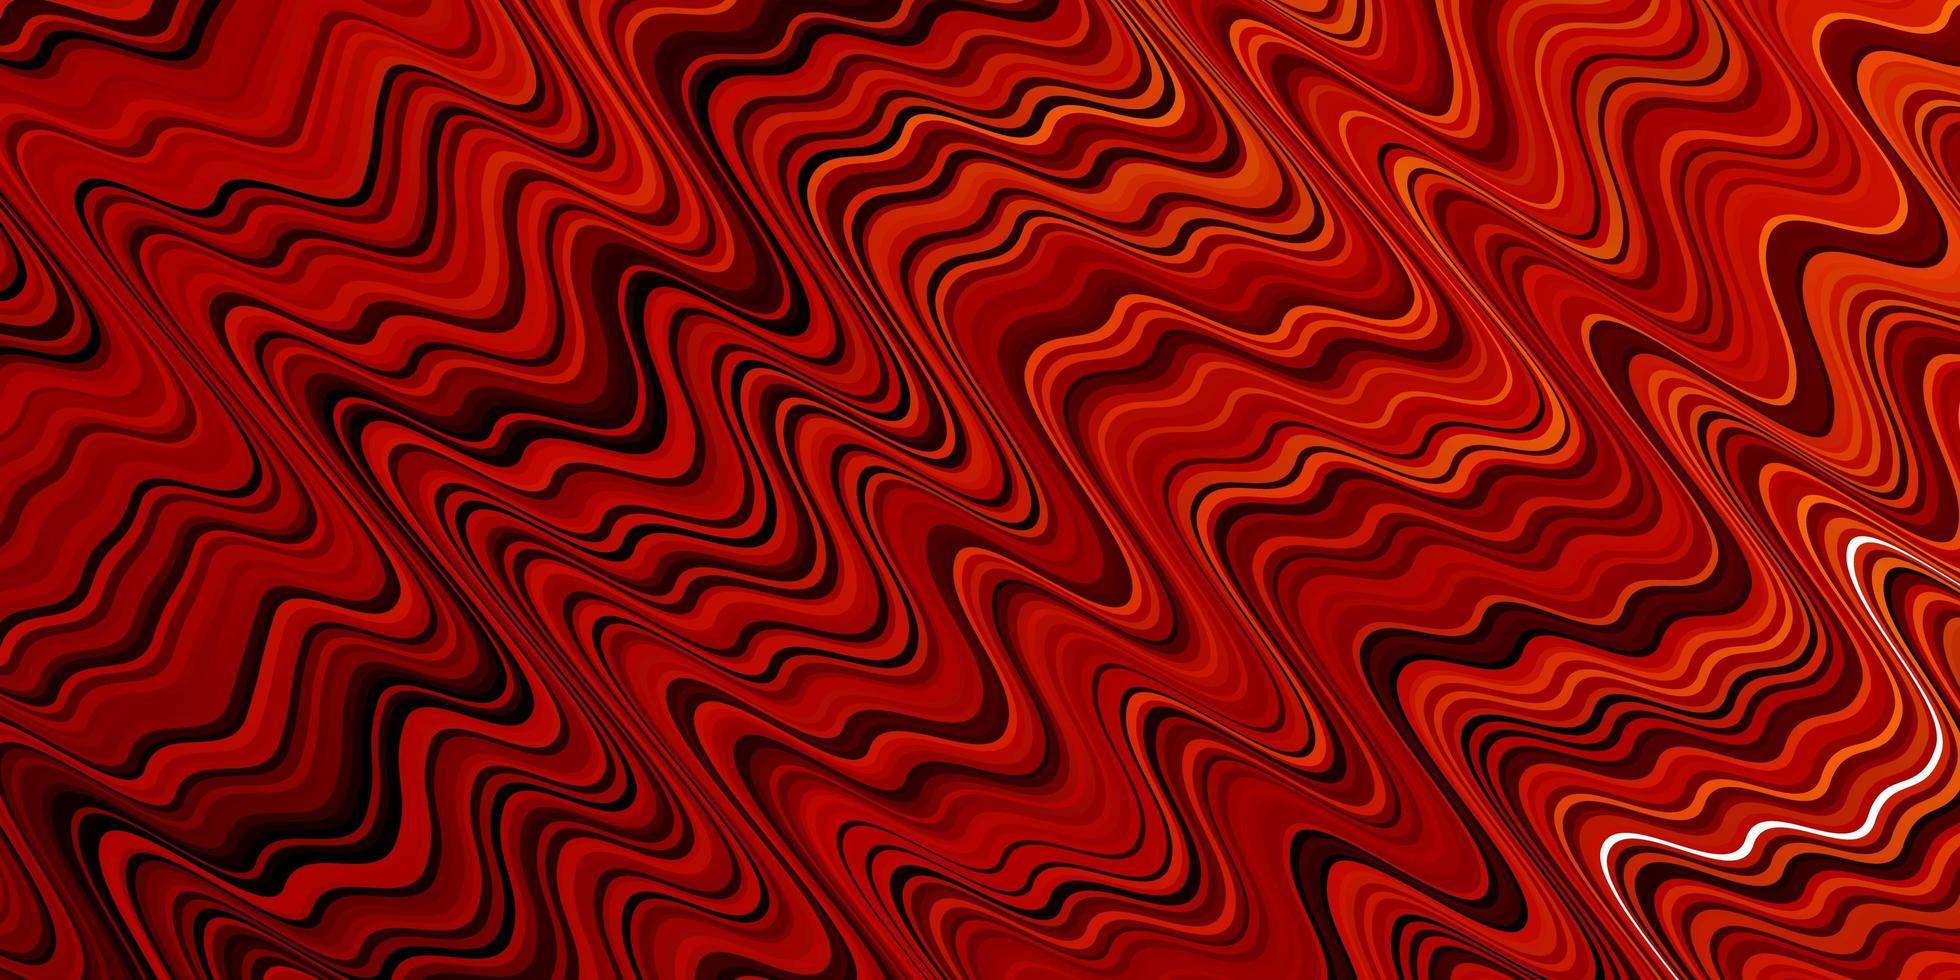 trama vettoriale rosso scuro, giallo con curve.